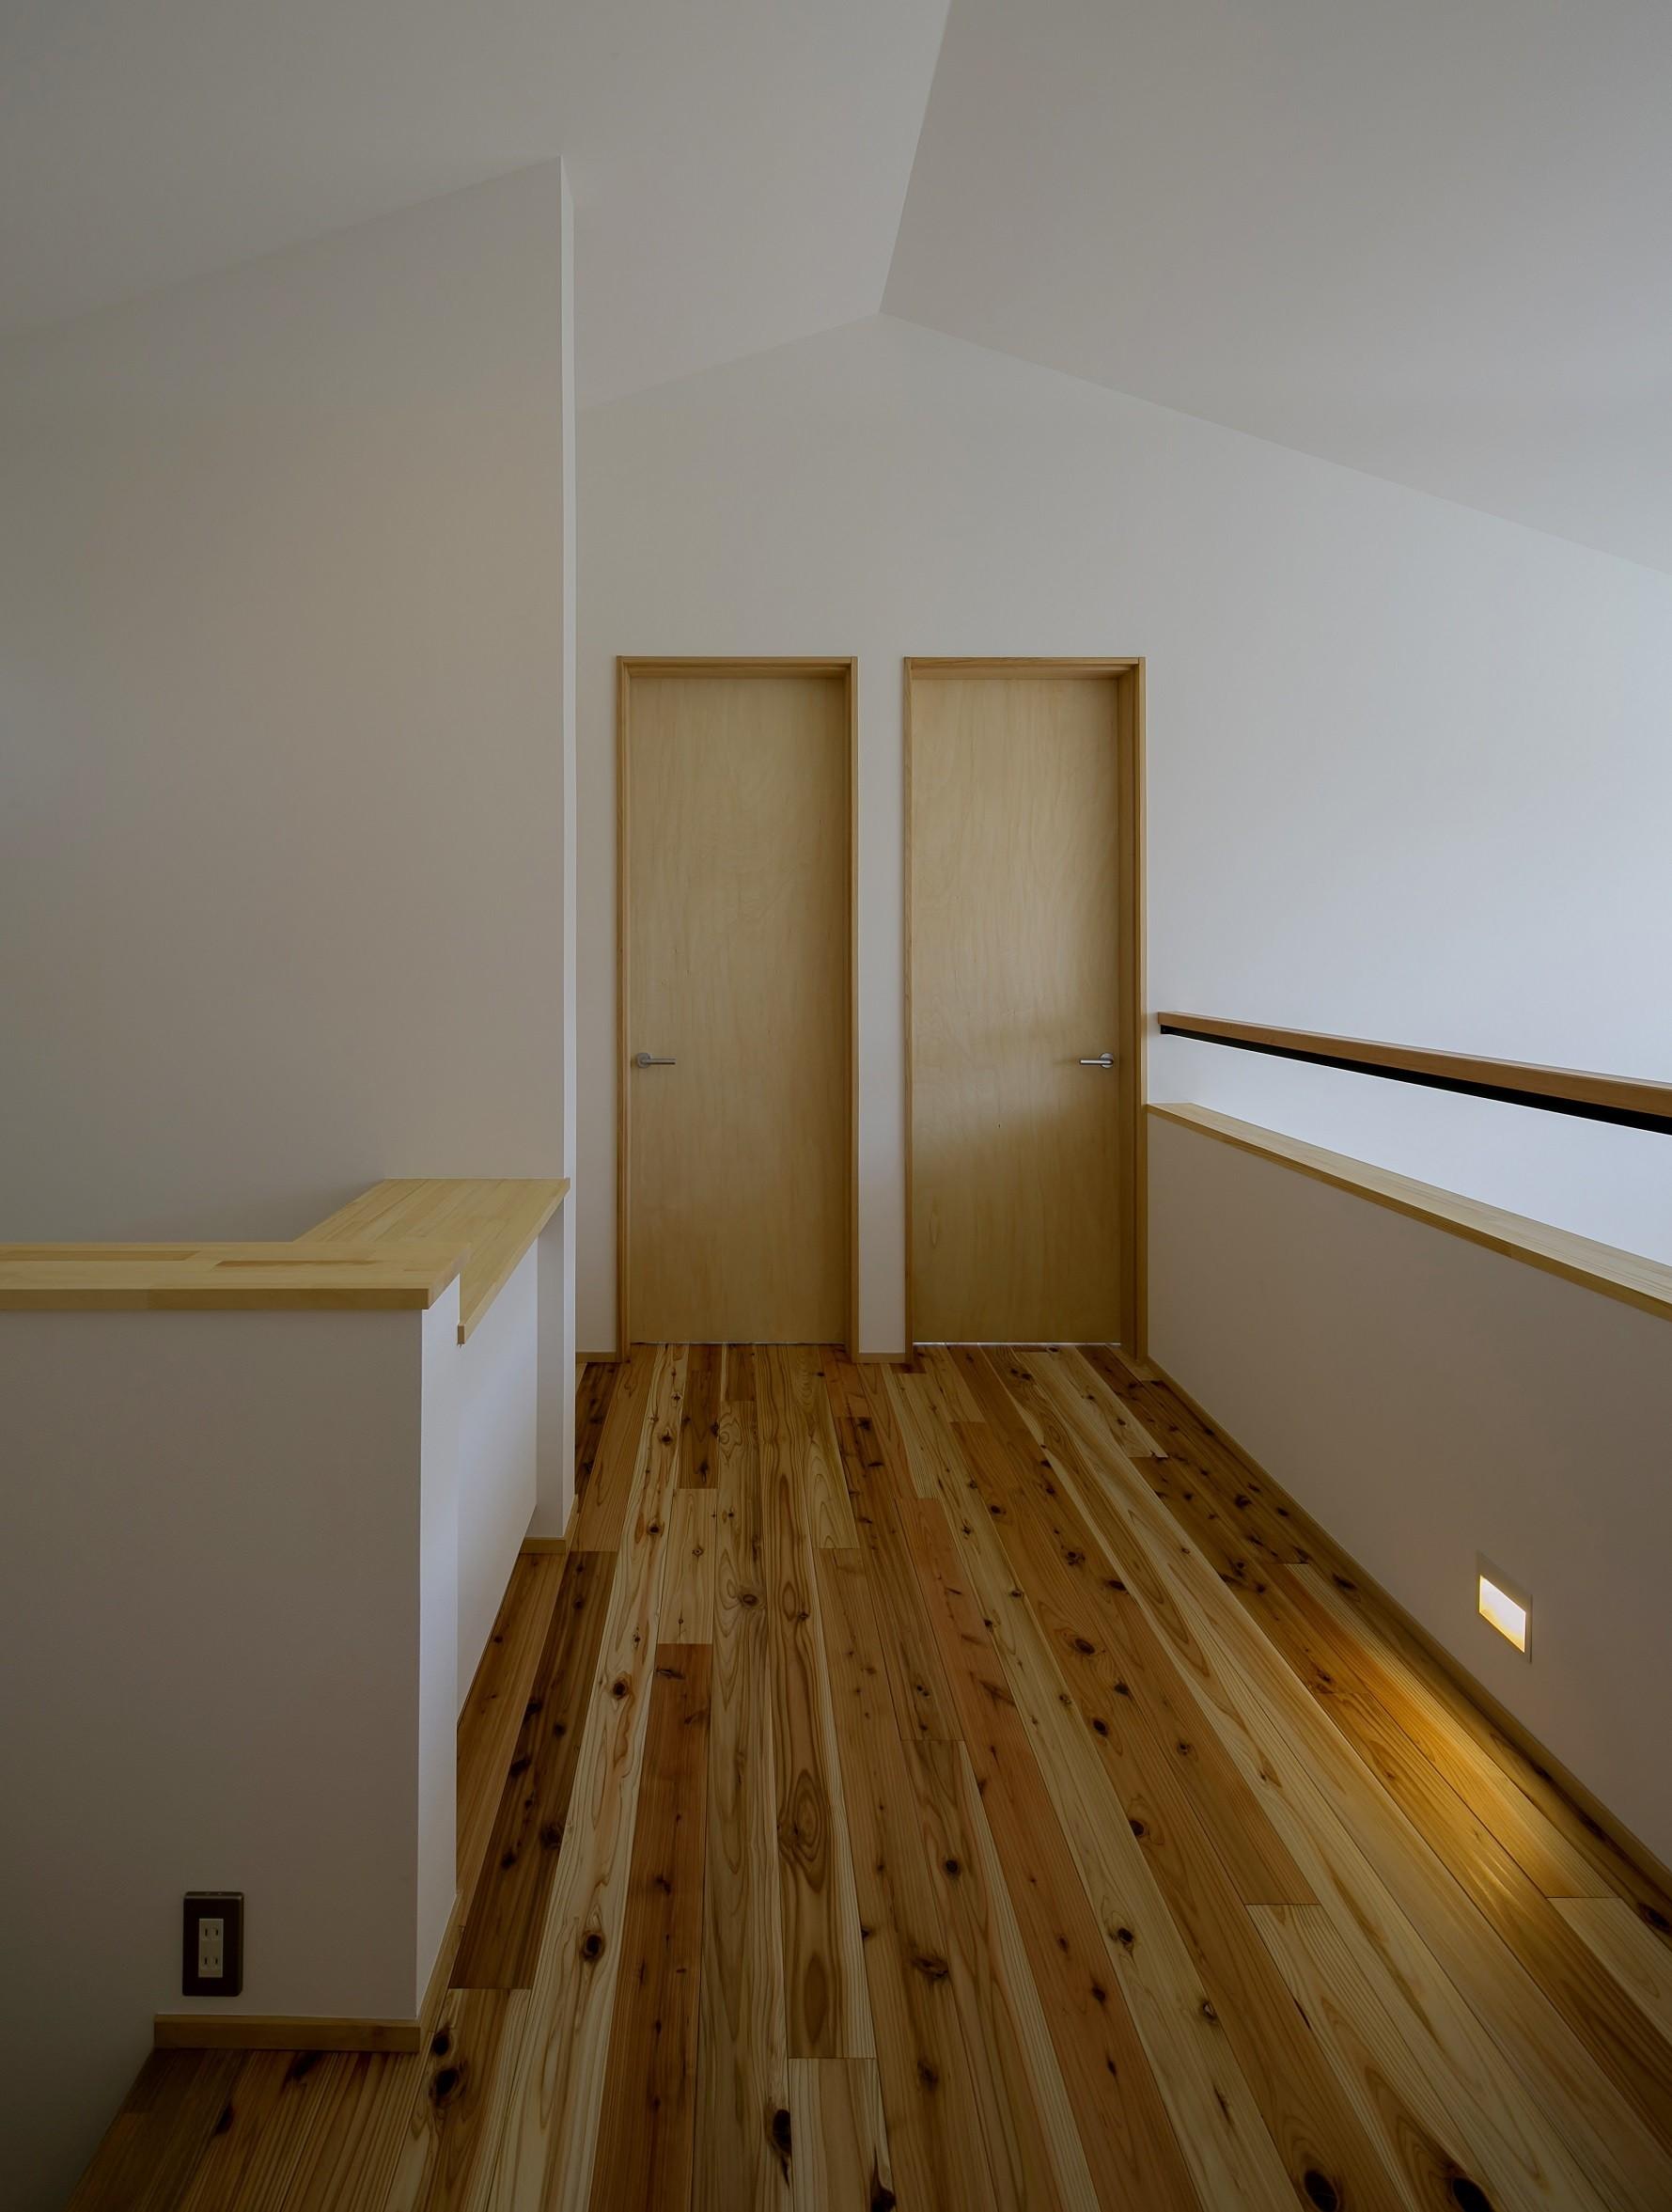 その他事例:2階ホール(『須坂屋部町の家』思いっきり遊べる庭がある家)